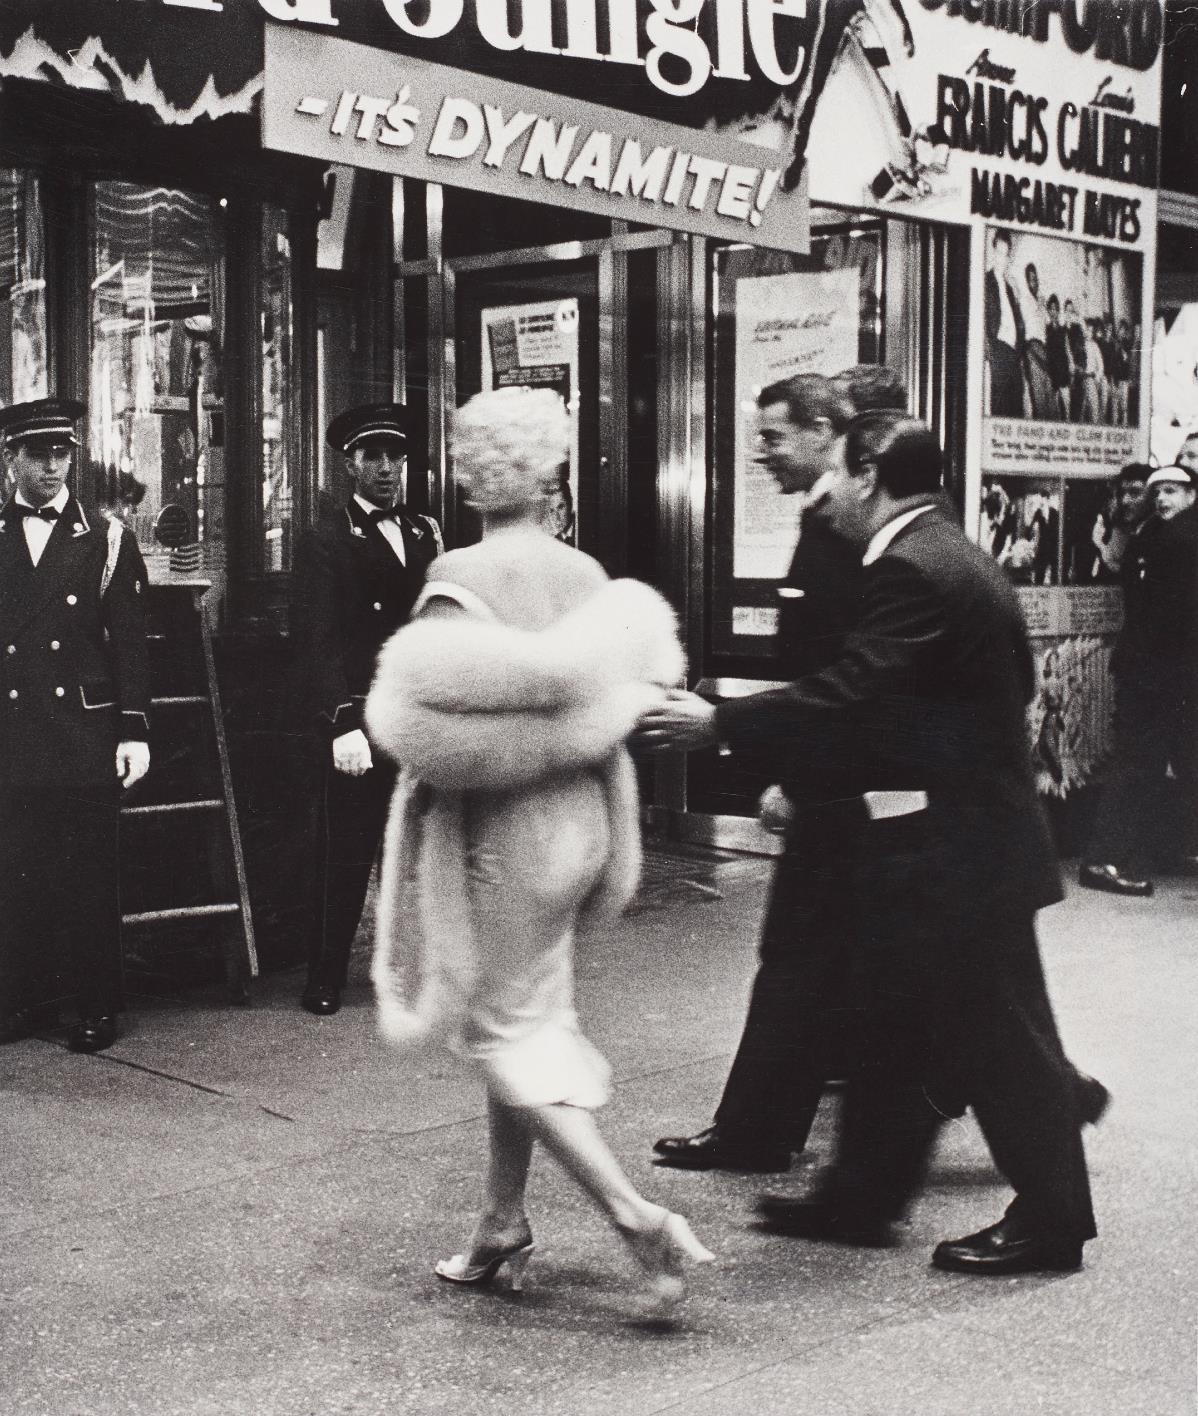 Weegee-Marilyn Monroe And Joe Dimaggio, Film Premiere, New York-1955